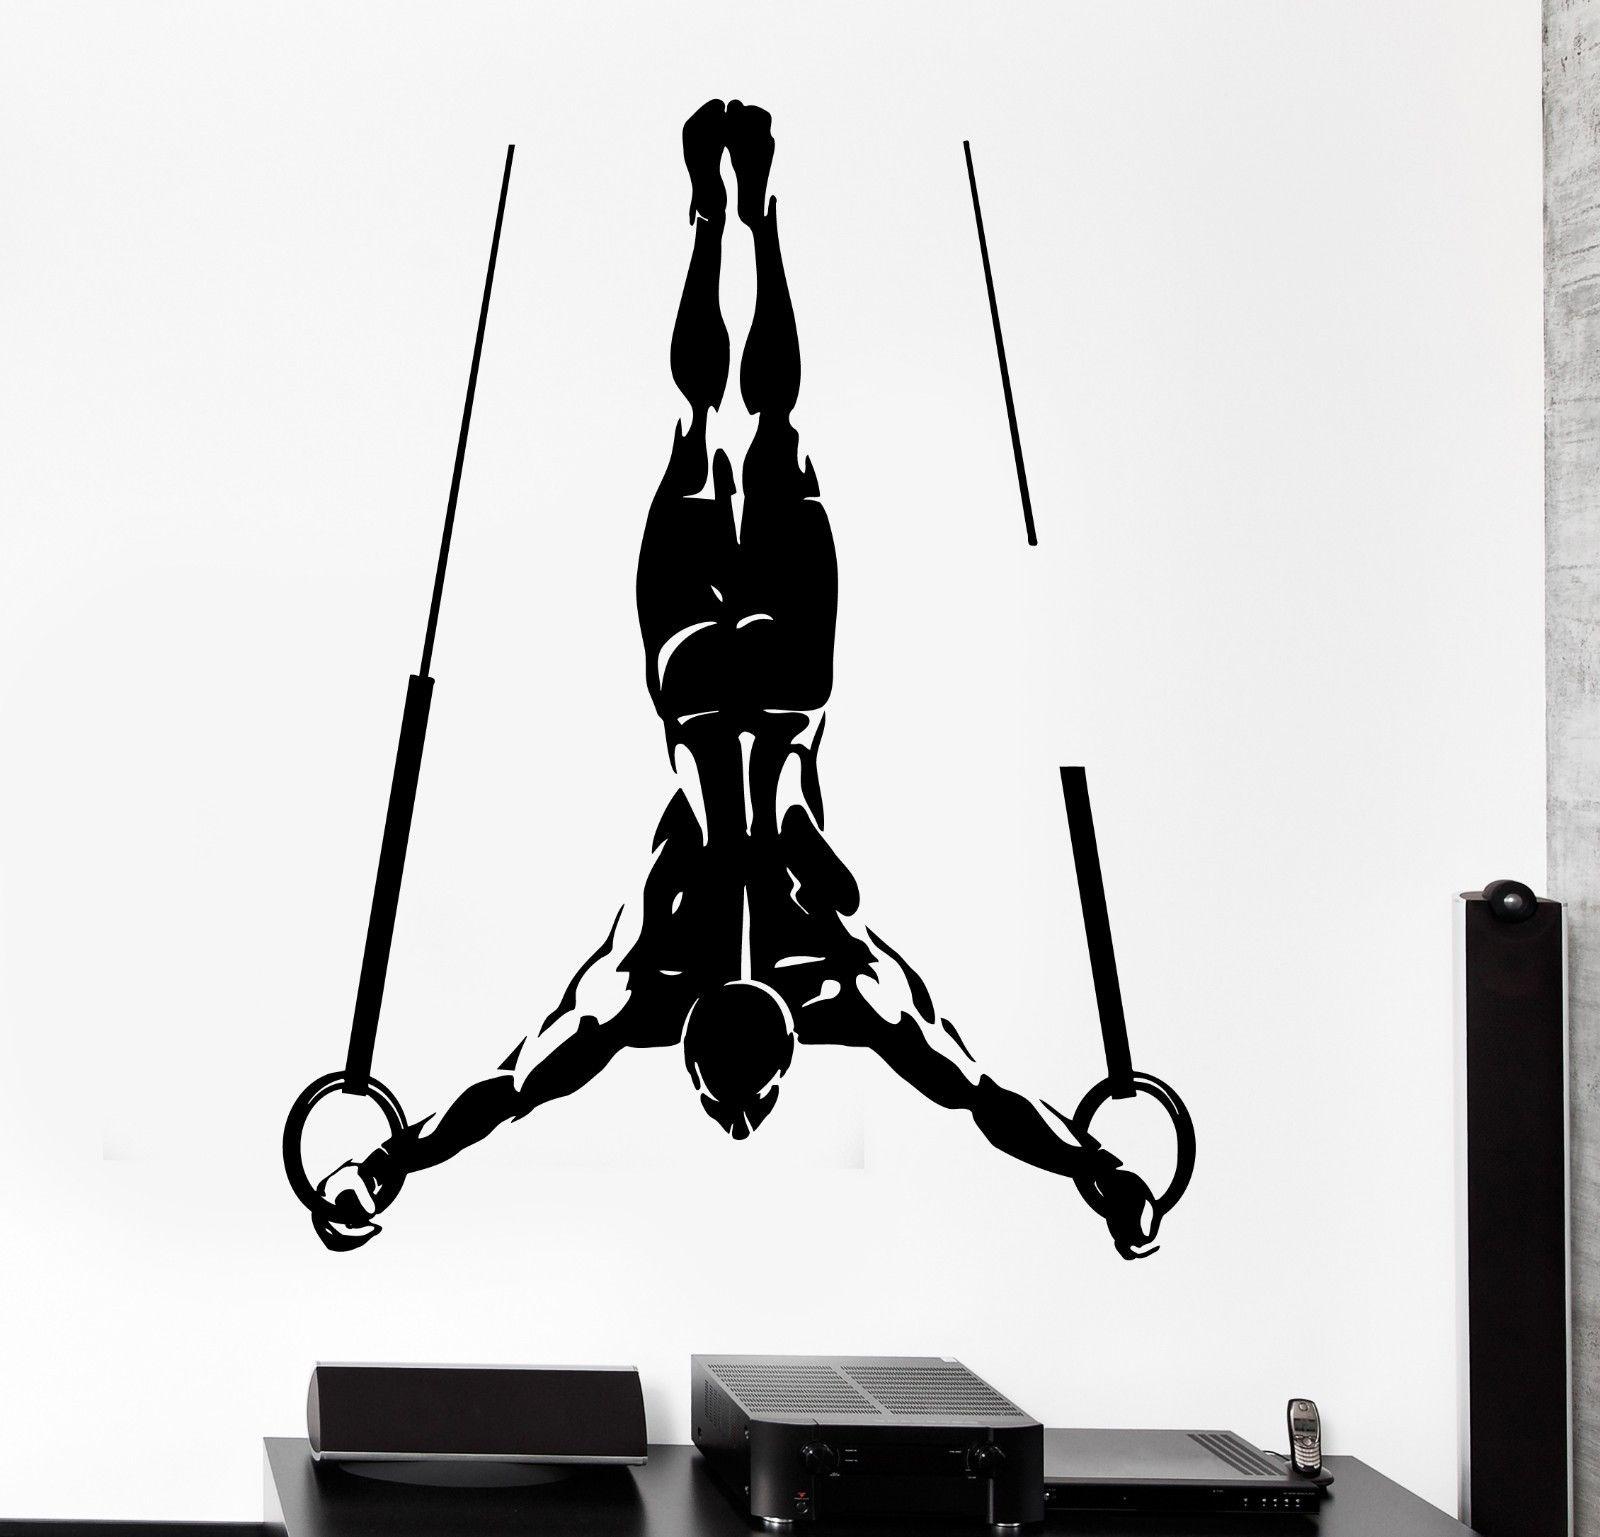 HWHD 패션 스포츠 홈 벽 스티커 스포츠 근육 남자 체조 링 비닐 데칼 무료 배송